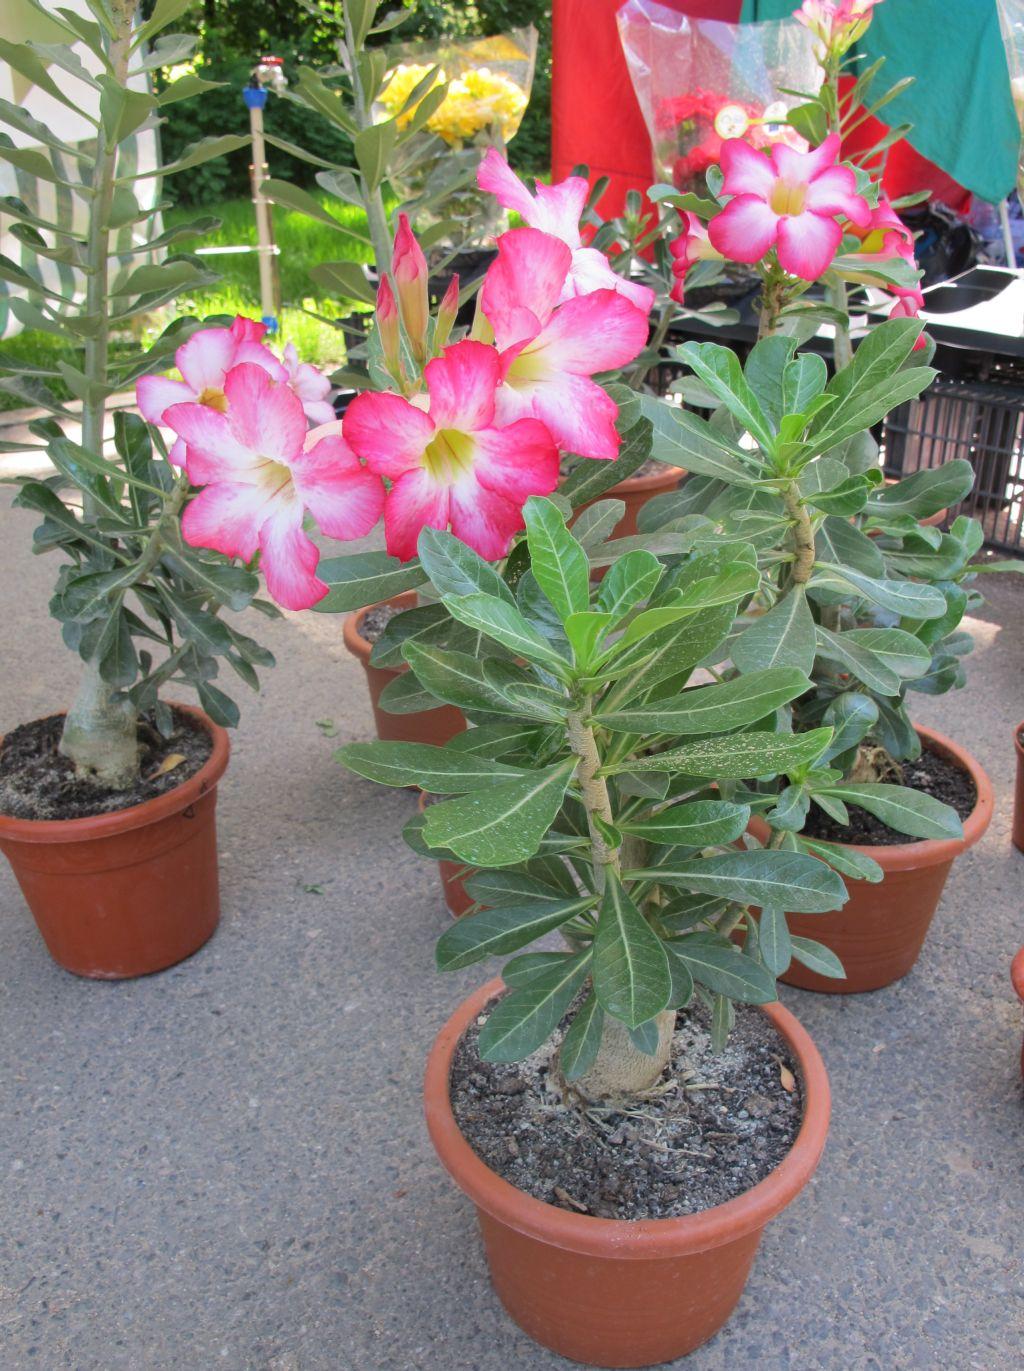 Adenium Obesum sau trandafirul desertului pret 80 lei planta cu varsta de 3 ani de la Floraden.ro